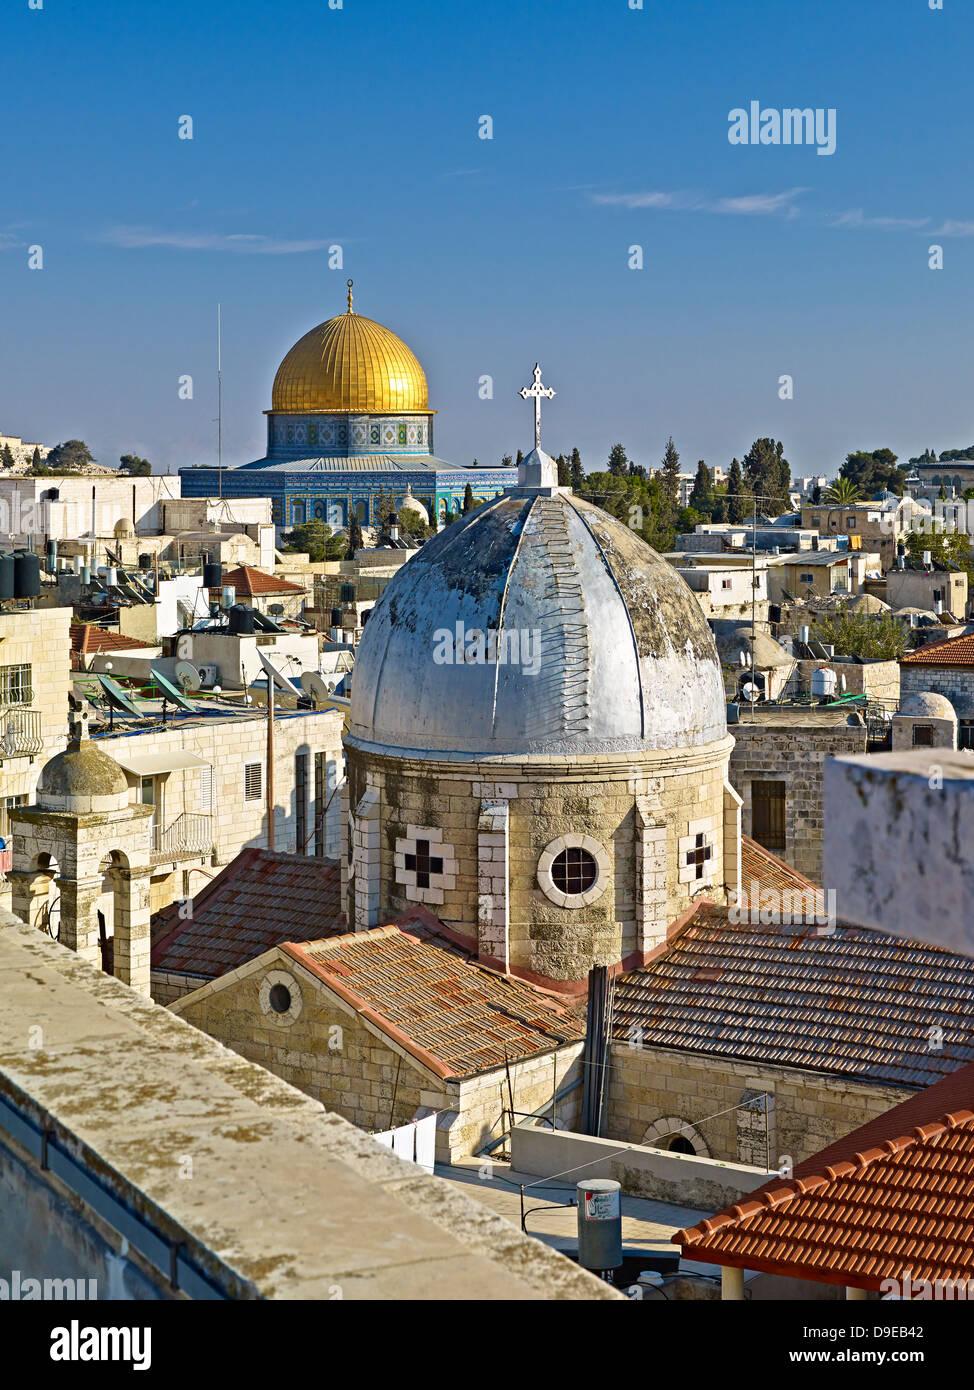 Vista del tetto ospizio austriaco alla città vecchia di Gerusalemme con cupola dome Rock Chiesa Armena La Madonna Foto Stock